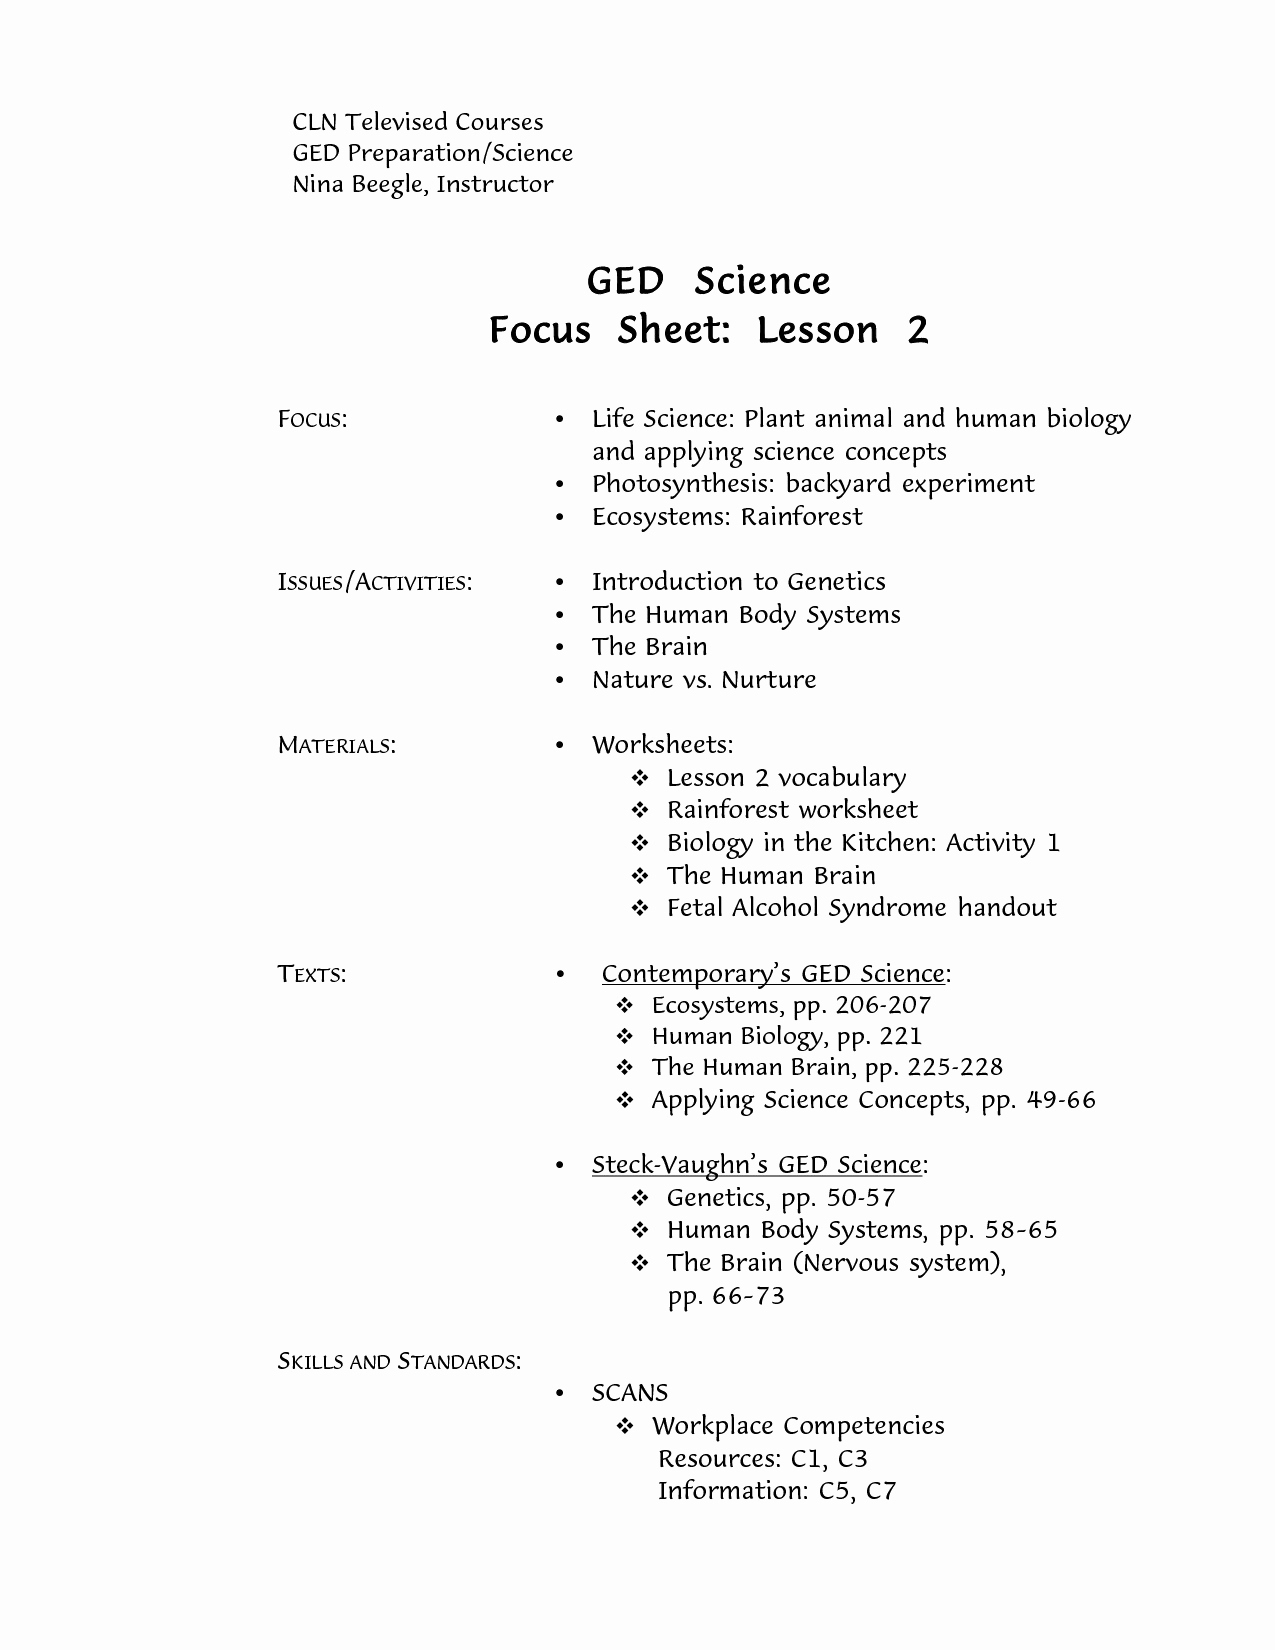 Printable Ged Practice Worksheets Pdf - Happy Living - Free | Printable Ged Science Practice Worksheets